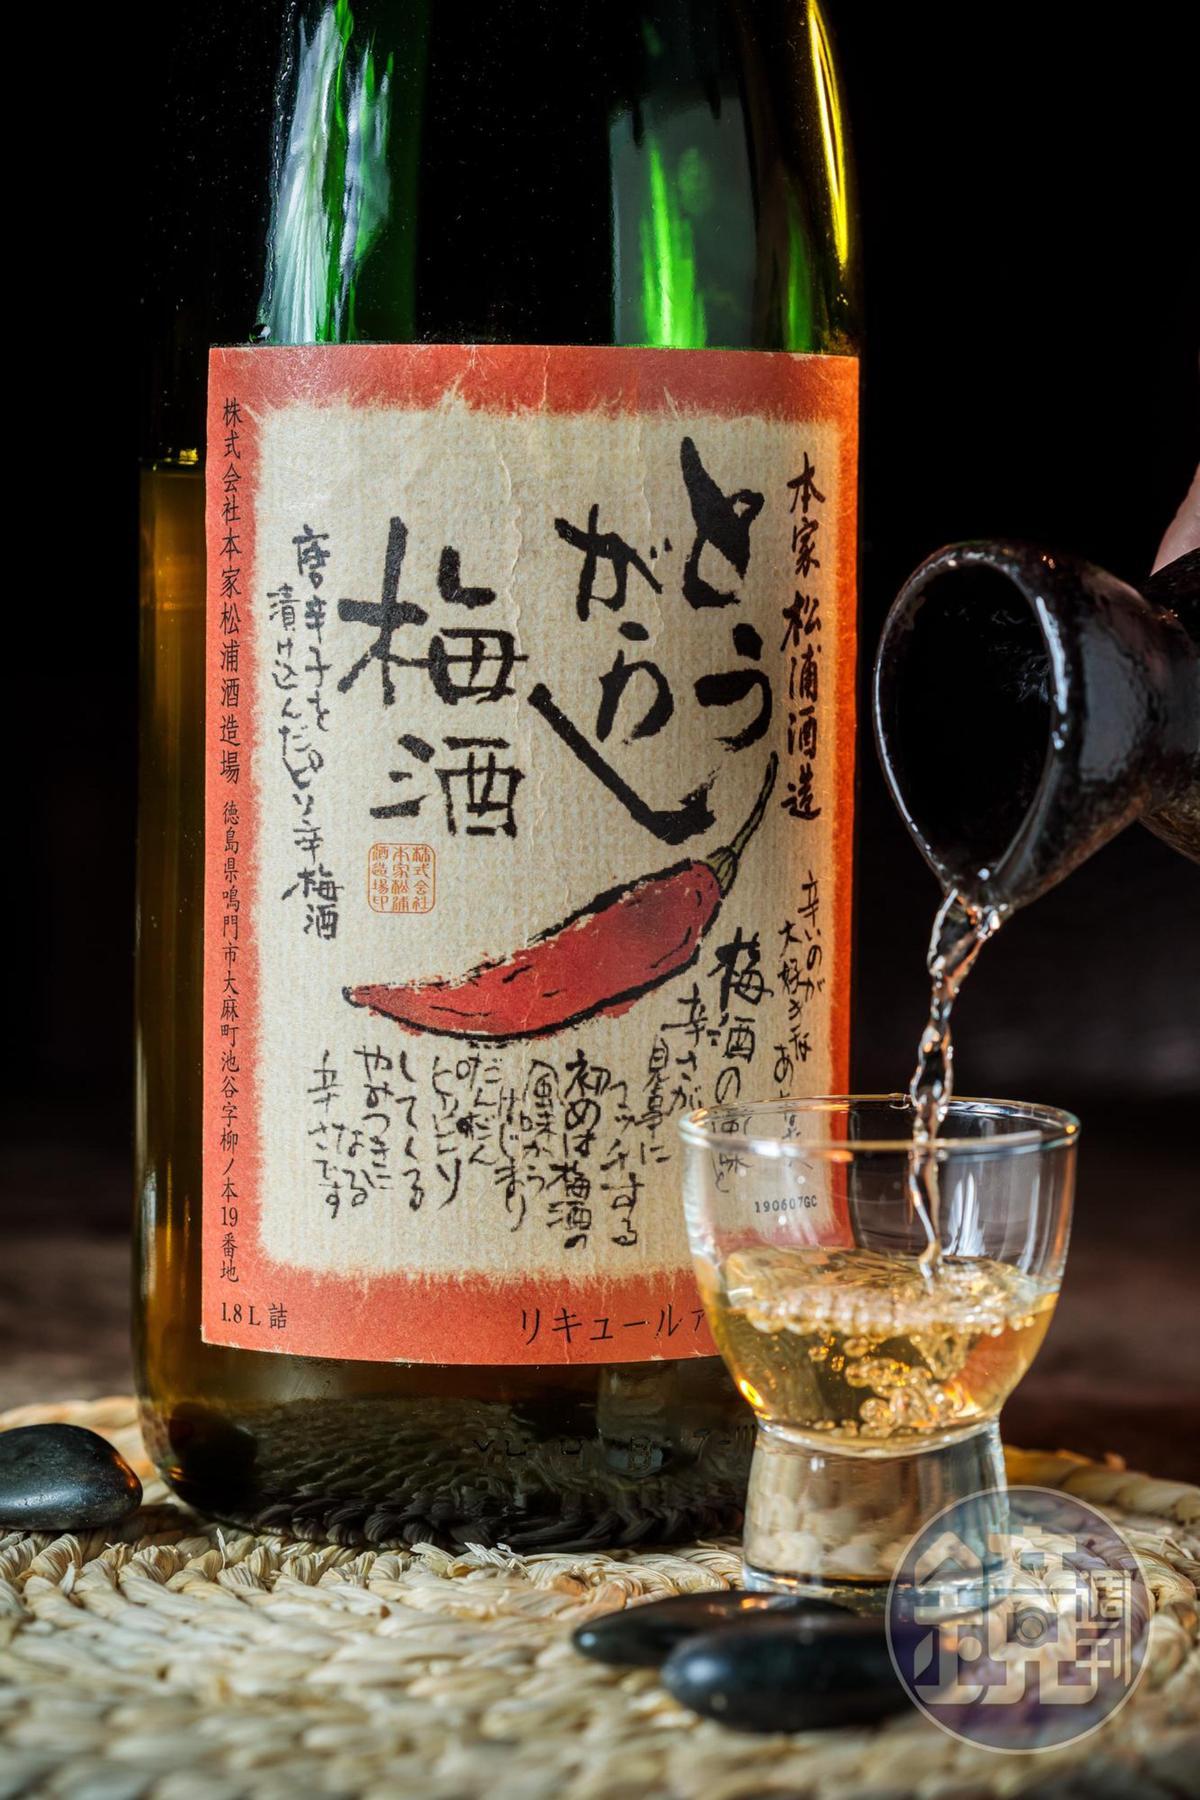 本家松浦酒造的「辣椒梅酒」初嘗清甜,但辣勁藏在梅香後頭。(3枚代幣/壺)